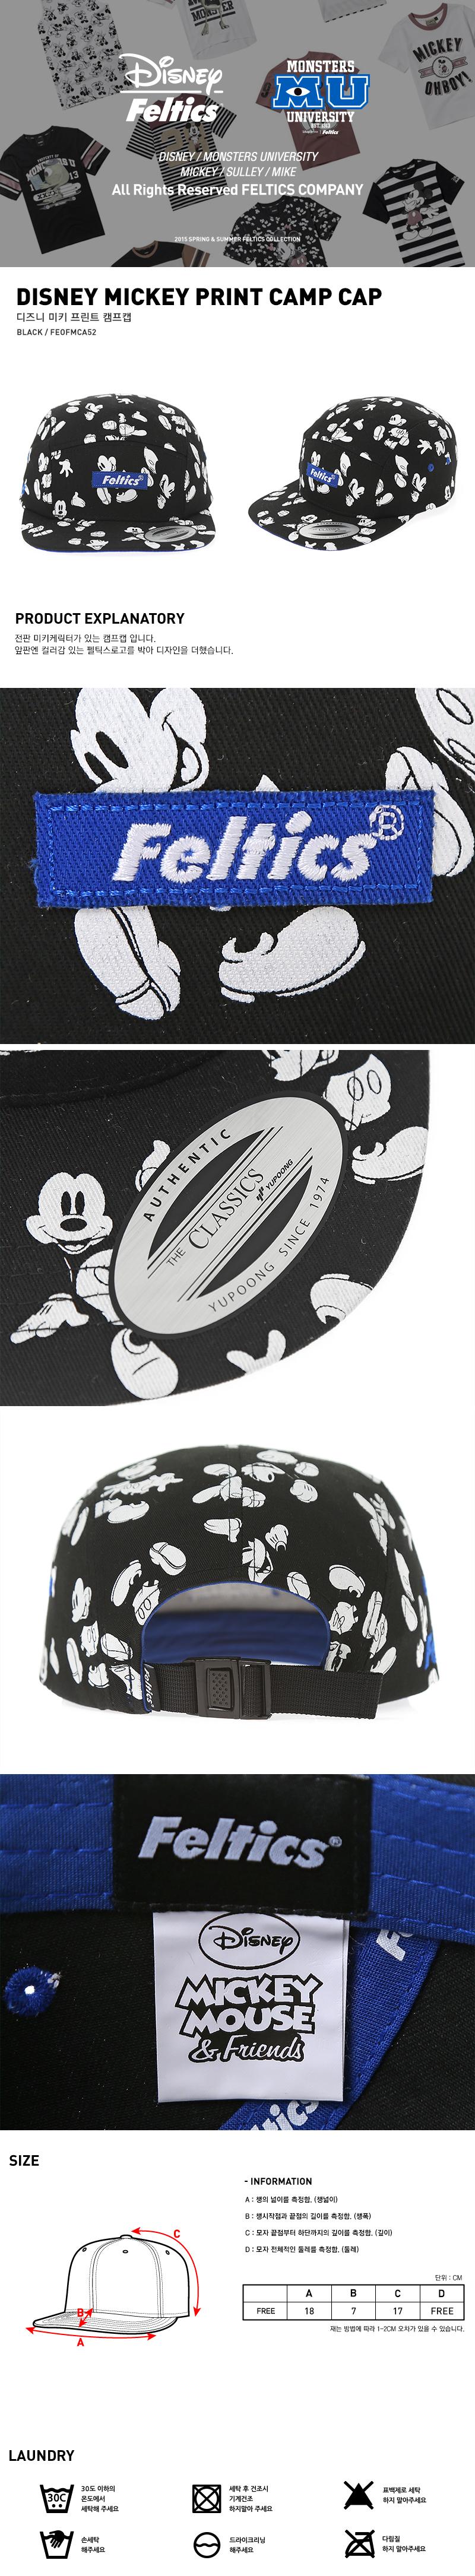 [ FELTICS ] [ FELTICS ]米奇老鼠打印 Campcap 黑色(FEOFMCA52)